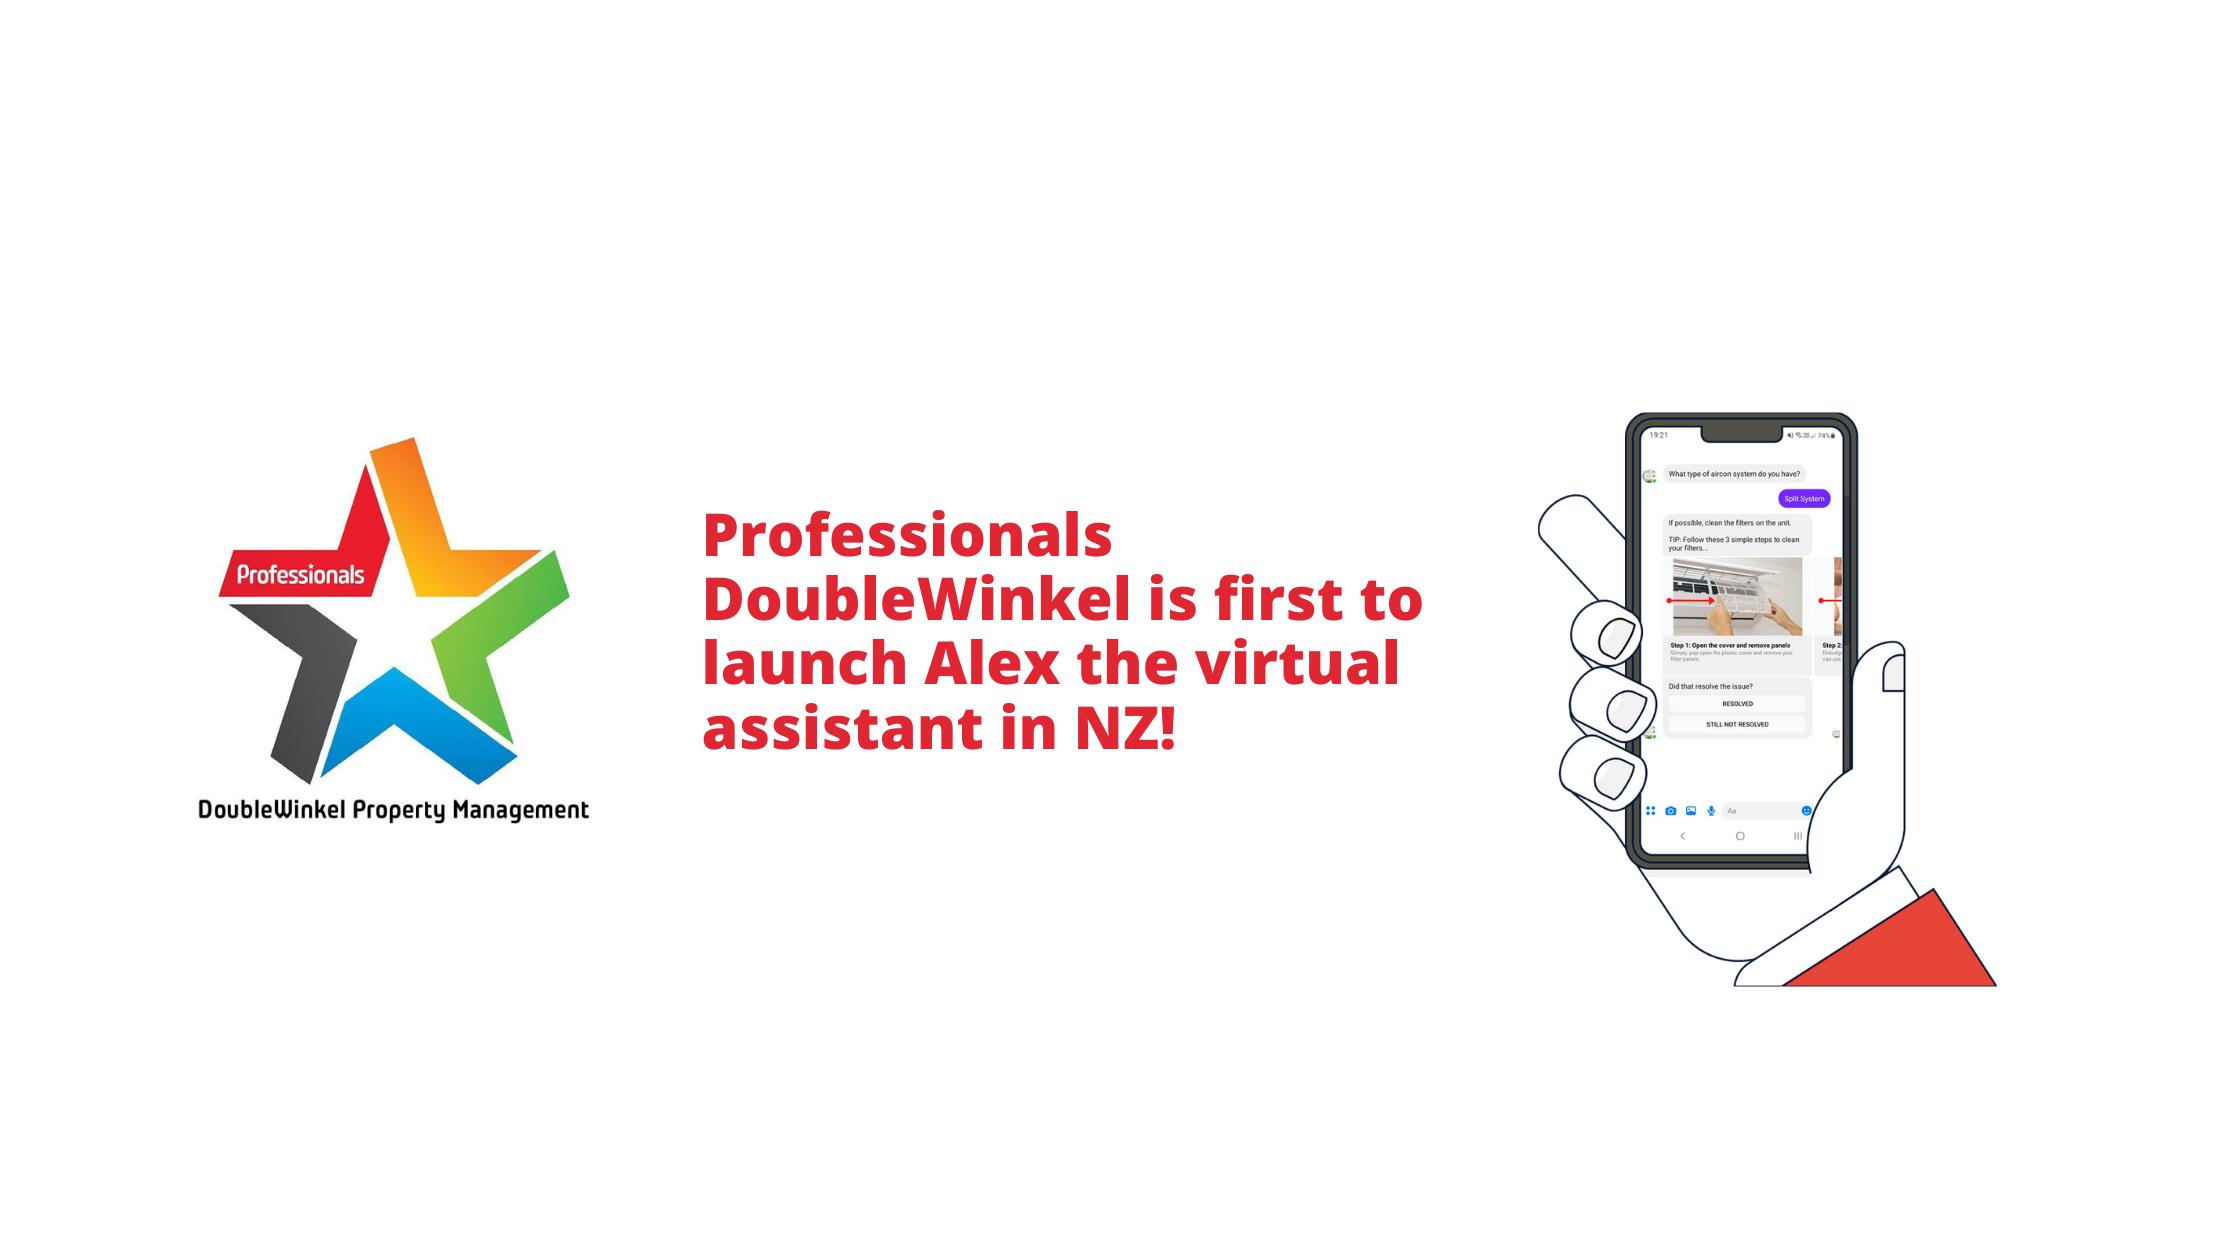 Professionals DoubleWinkel NZ First To Launch Alex In NZ